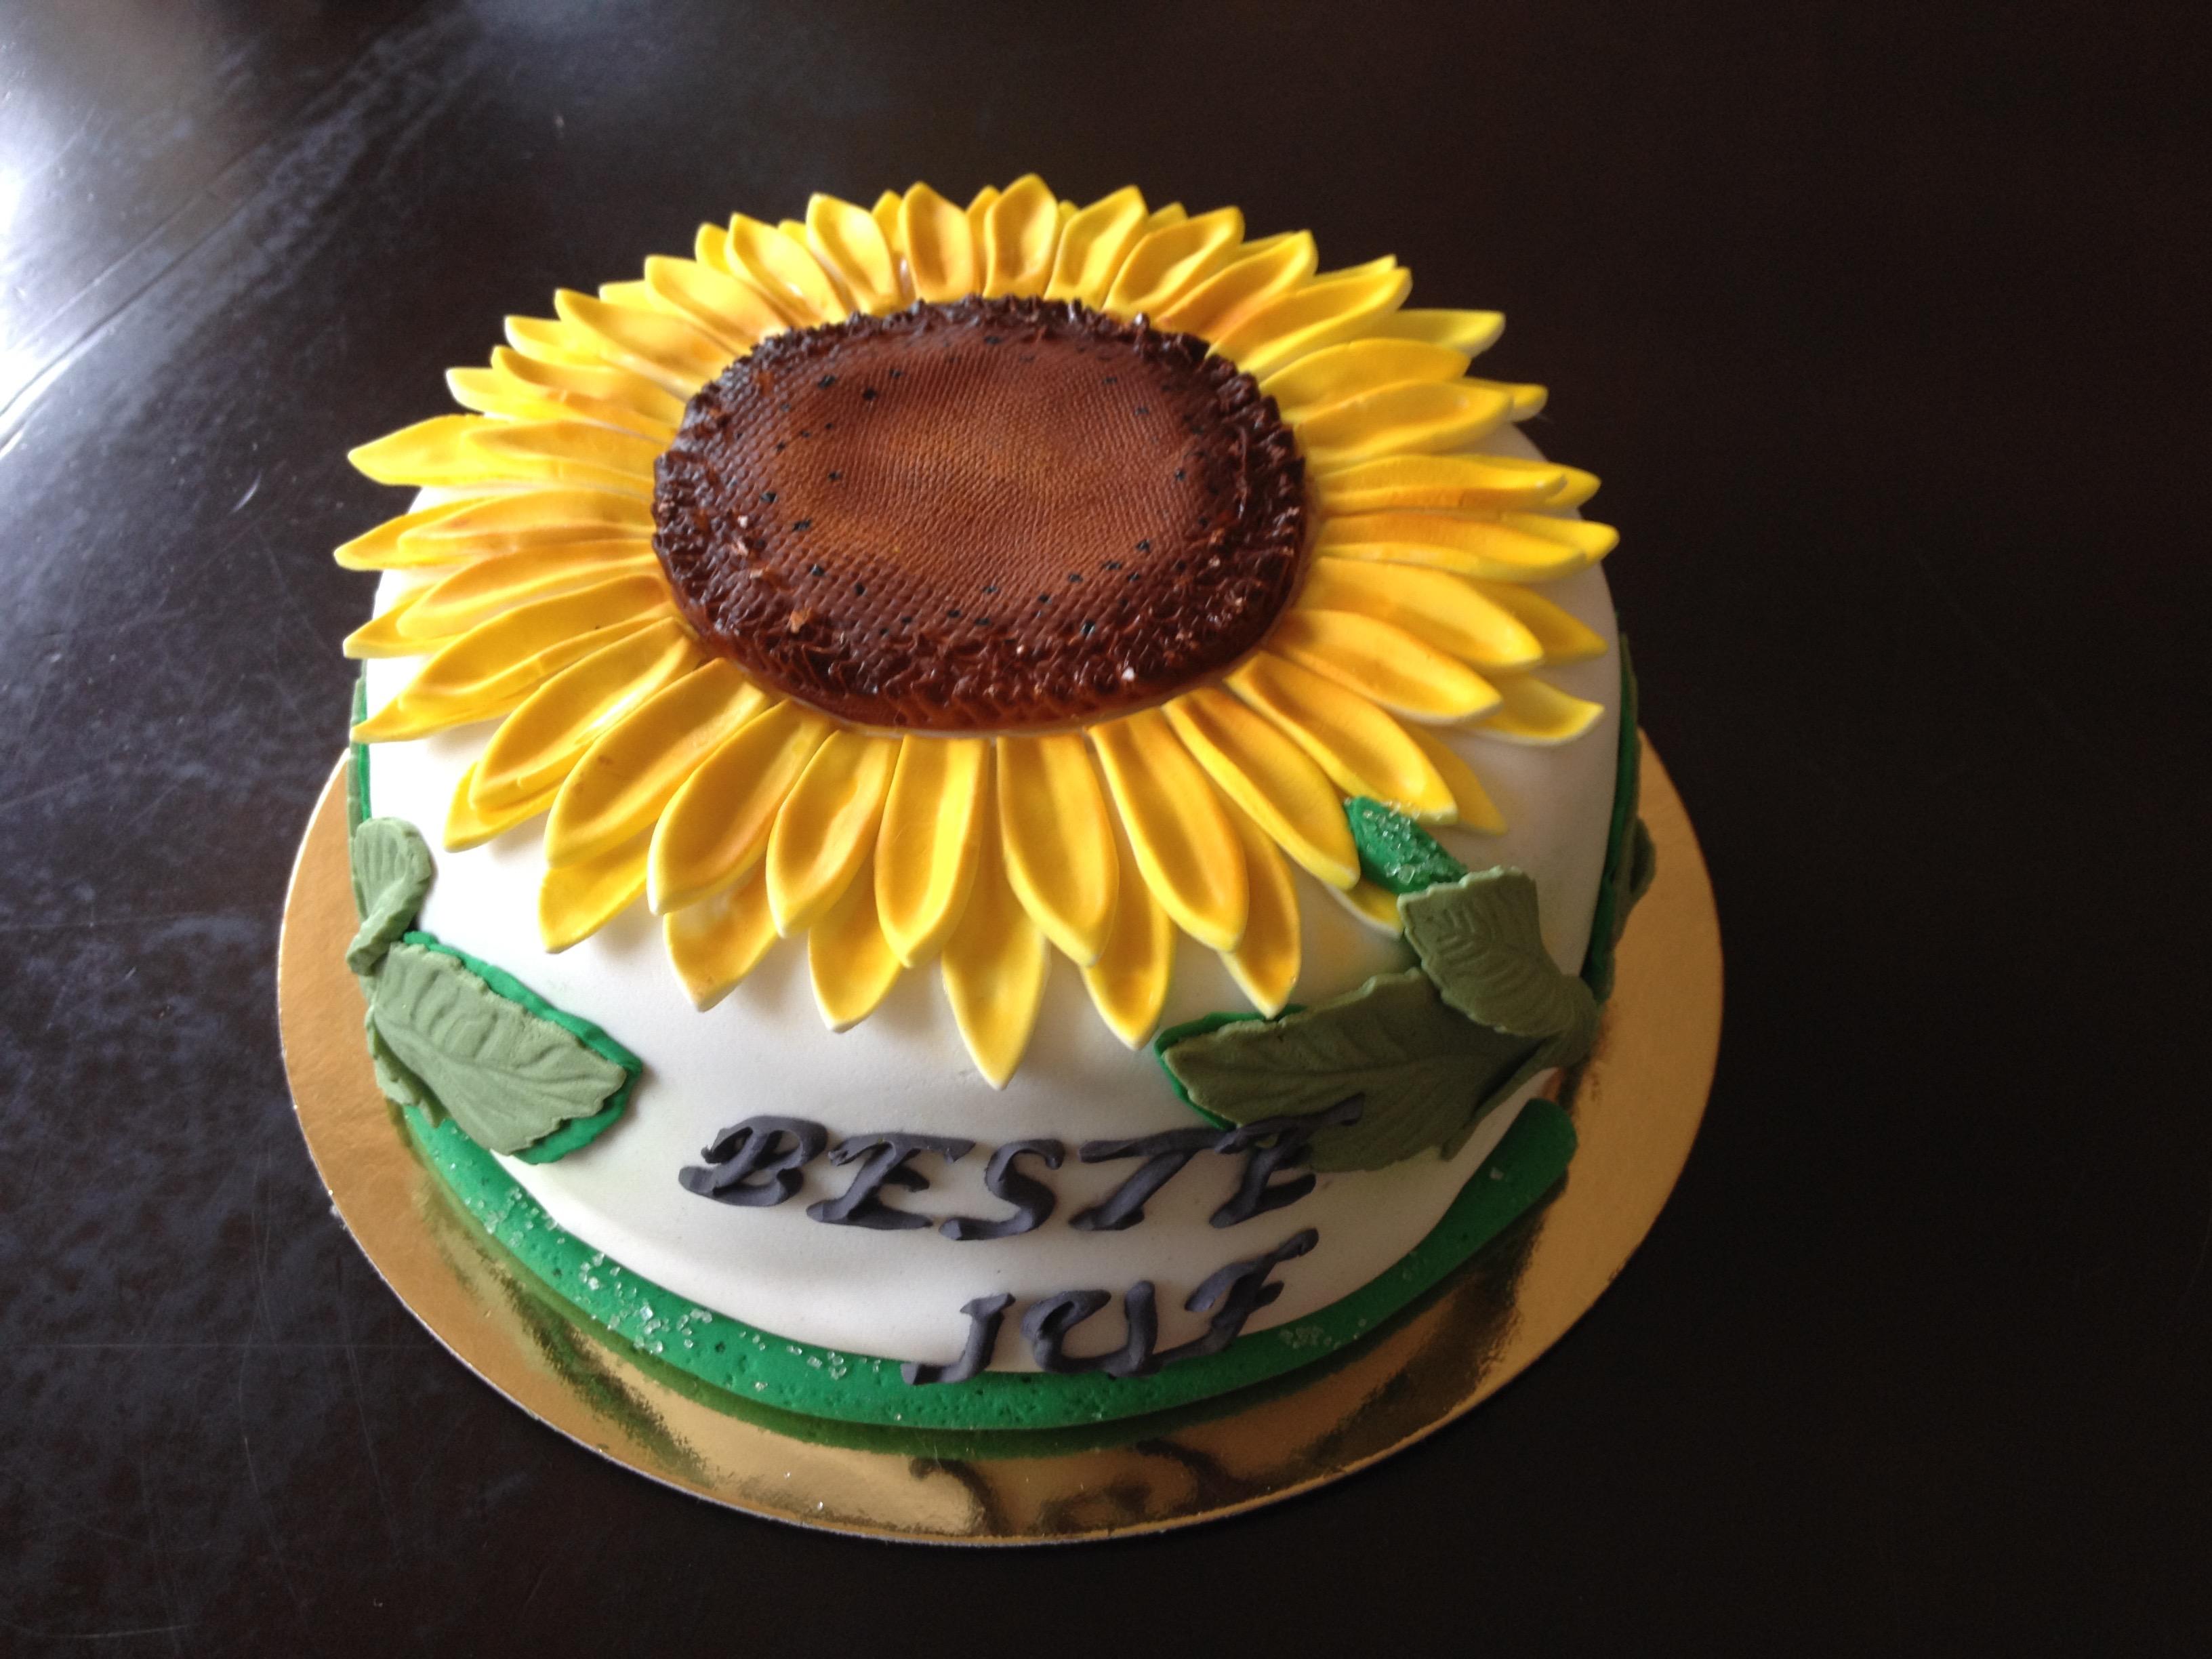 Heerlijke taart met mijn favoriete zonnebloem als dank